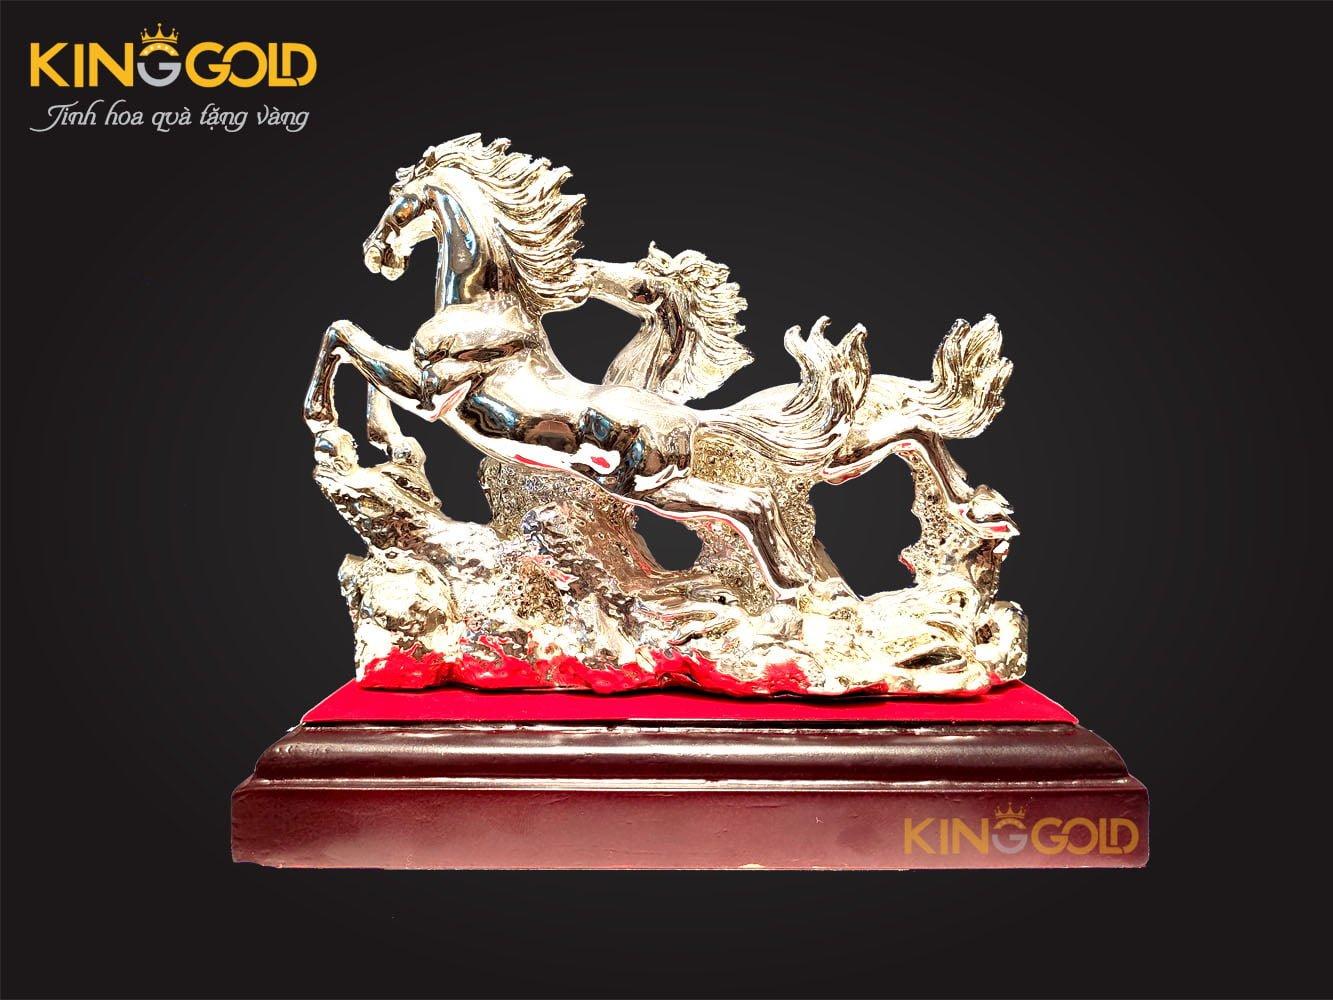 Tượng ngựa mạ bạc, ý nghĩa tượng ngựa trong phong thủy